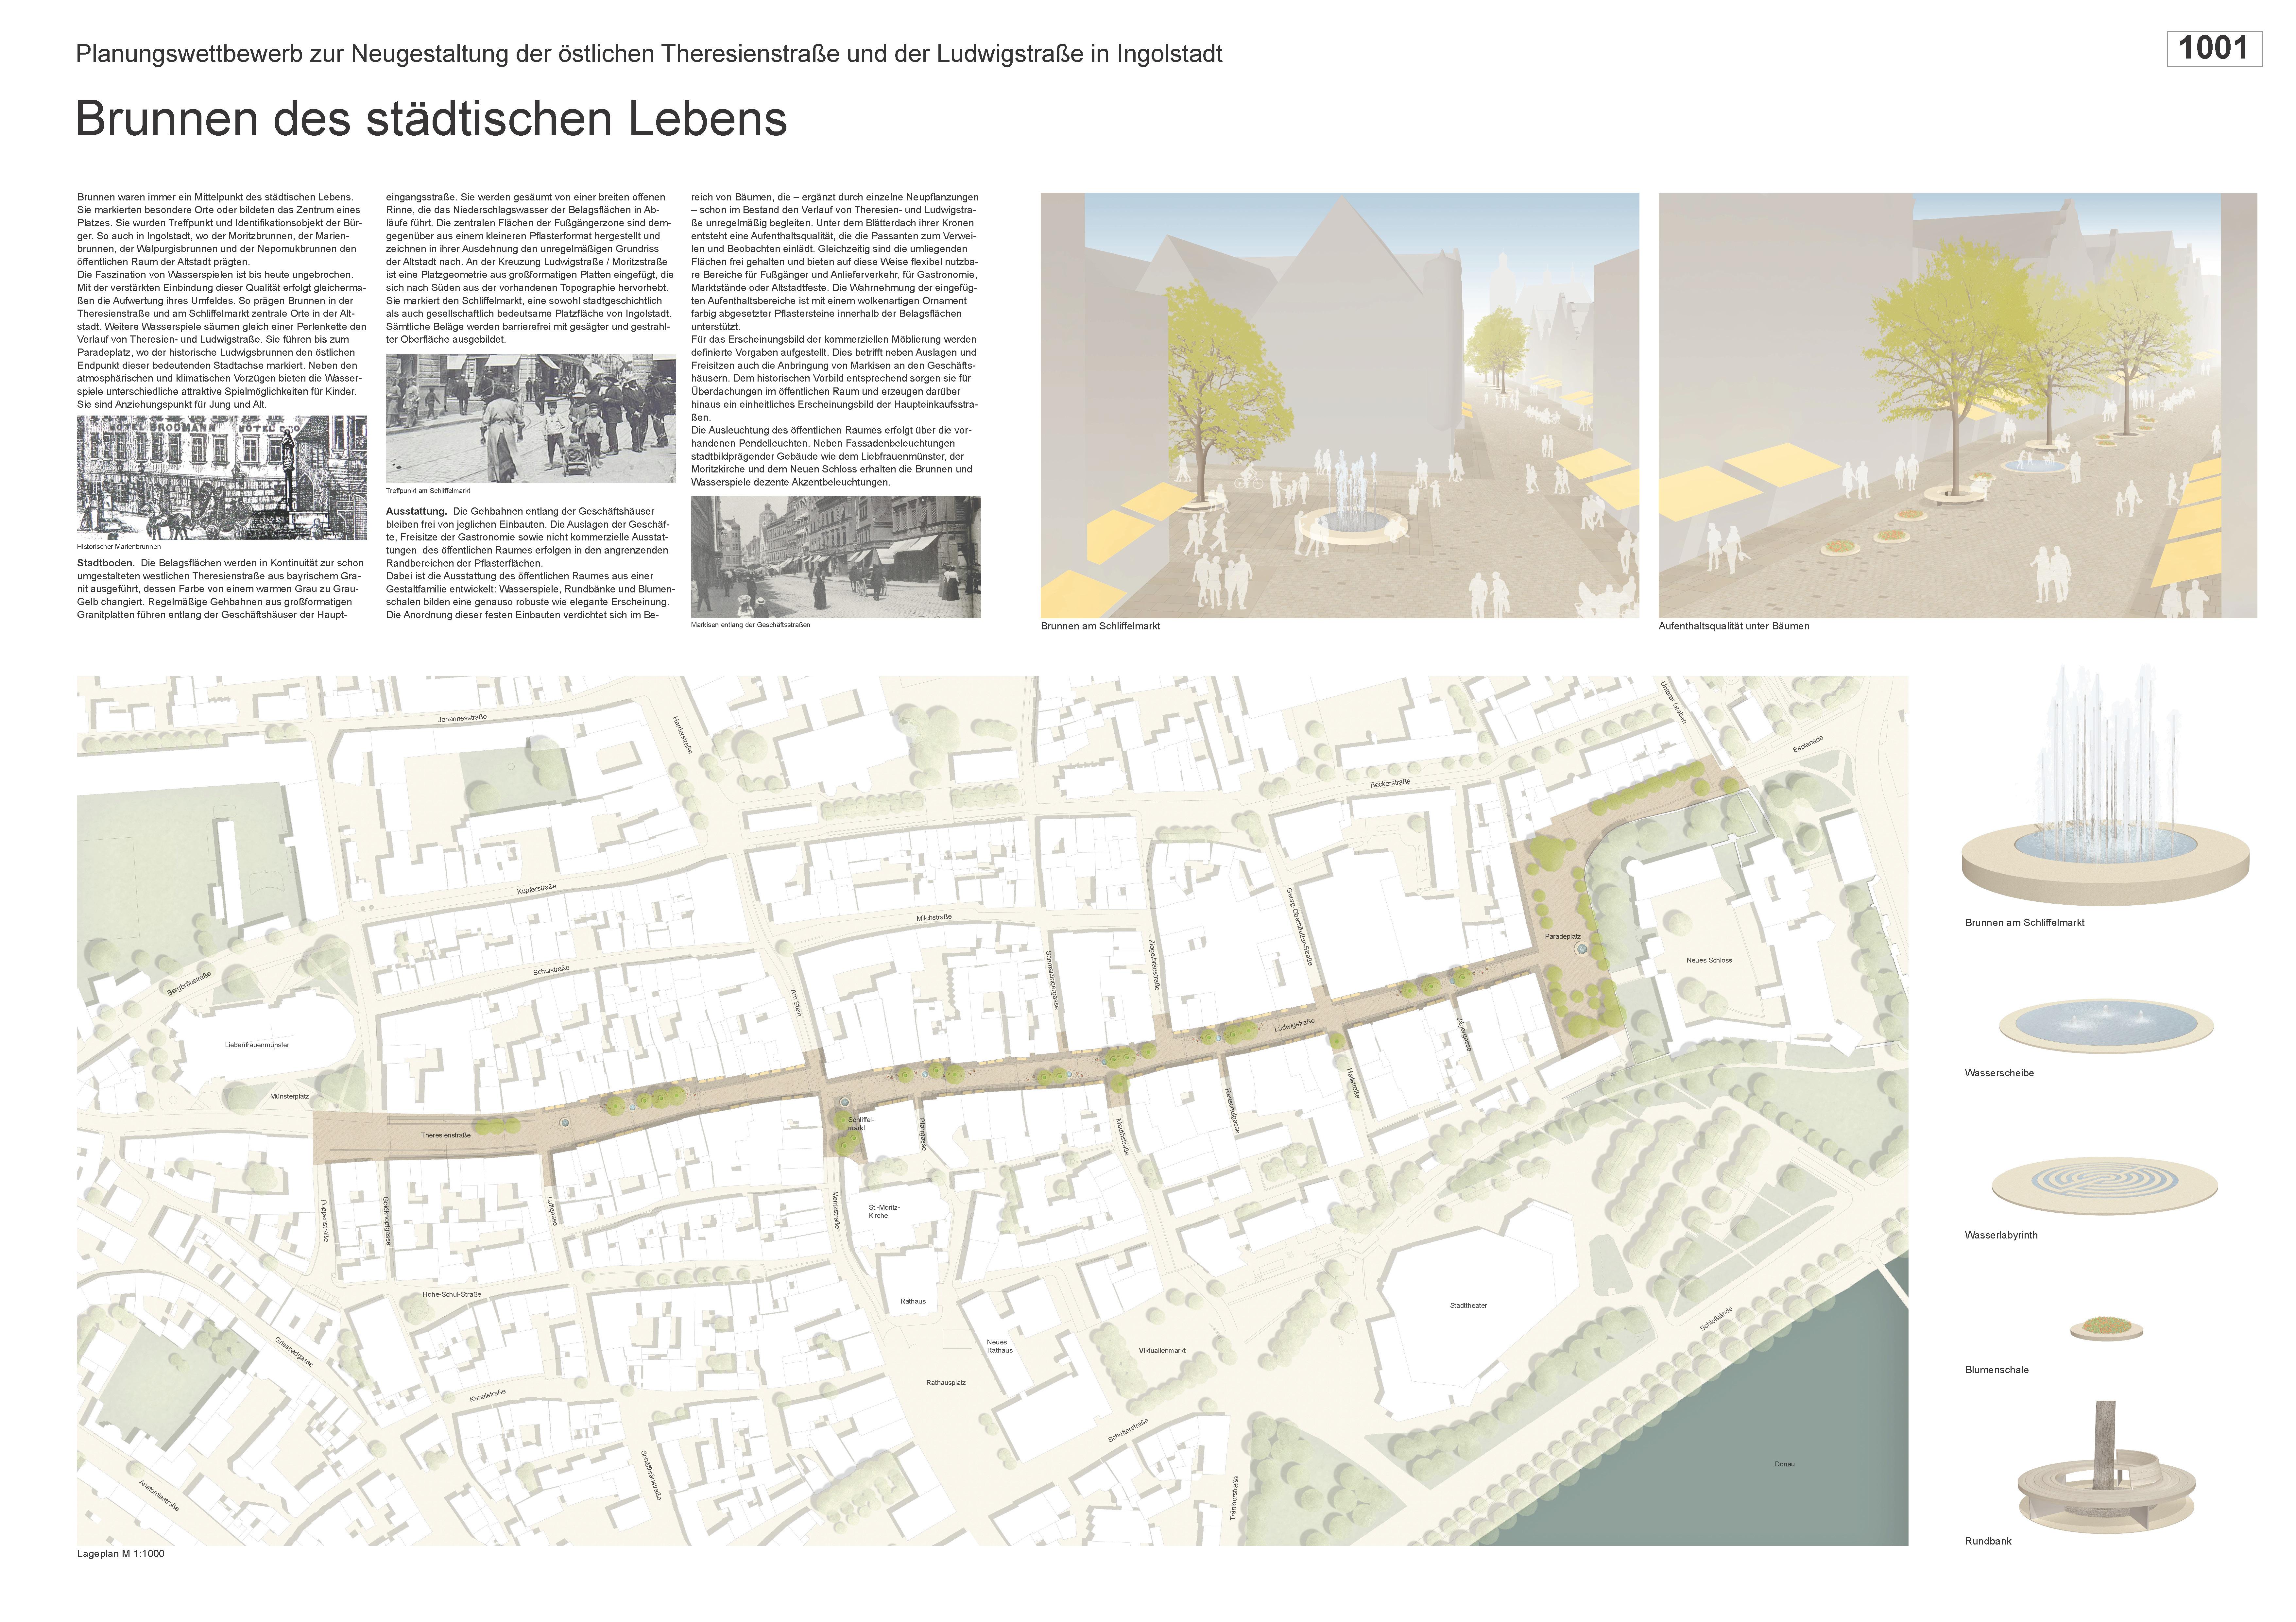 Preisgruppe 1. Stufe Planungswettbewerb Neugestaltung Fußgängerzone Arbeit 1 (1001)